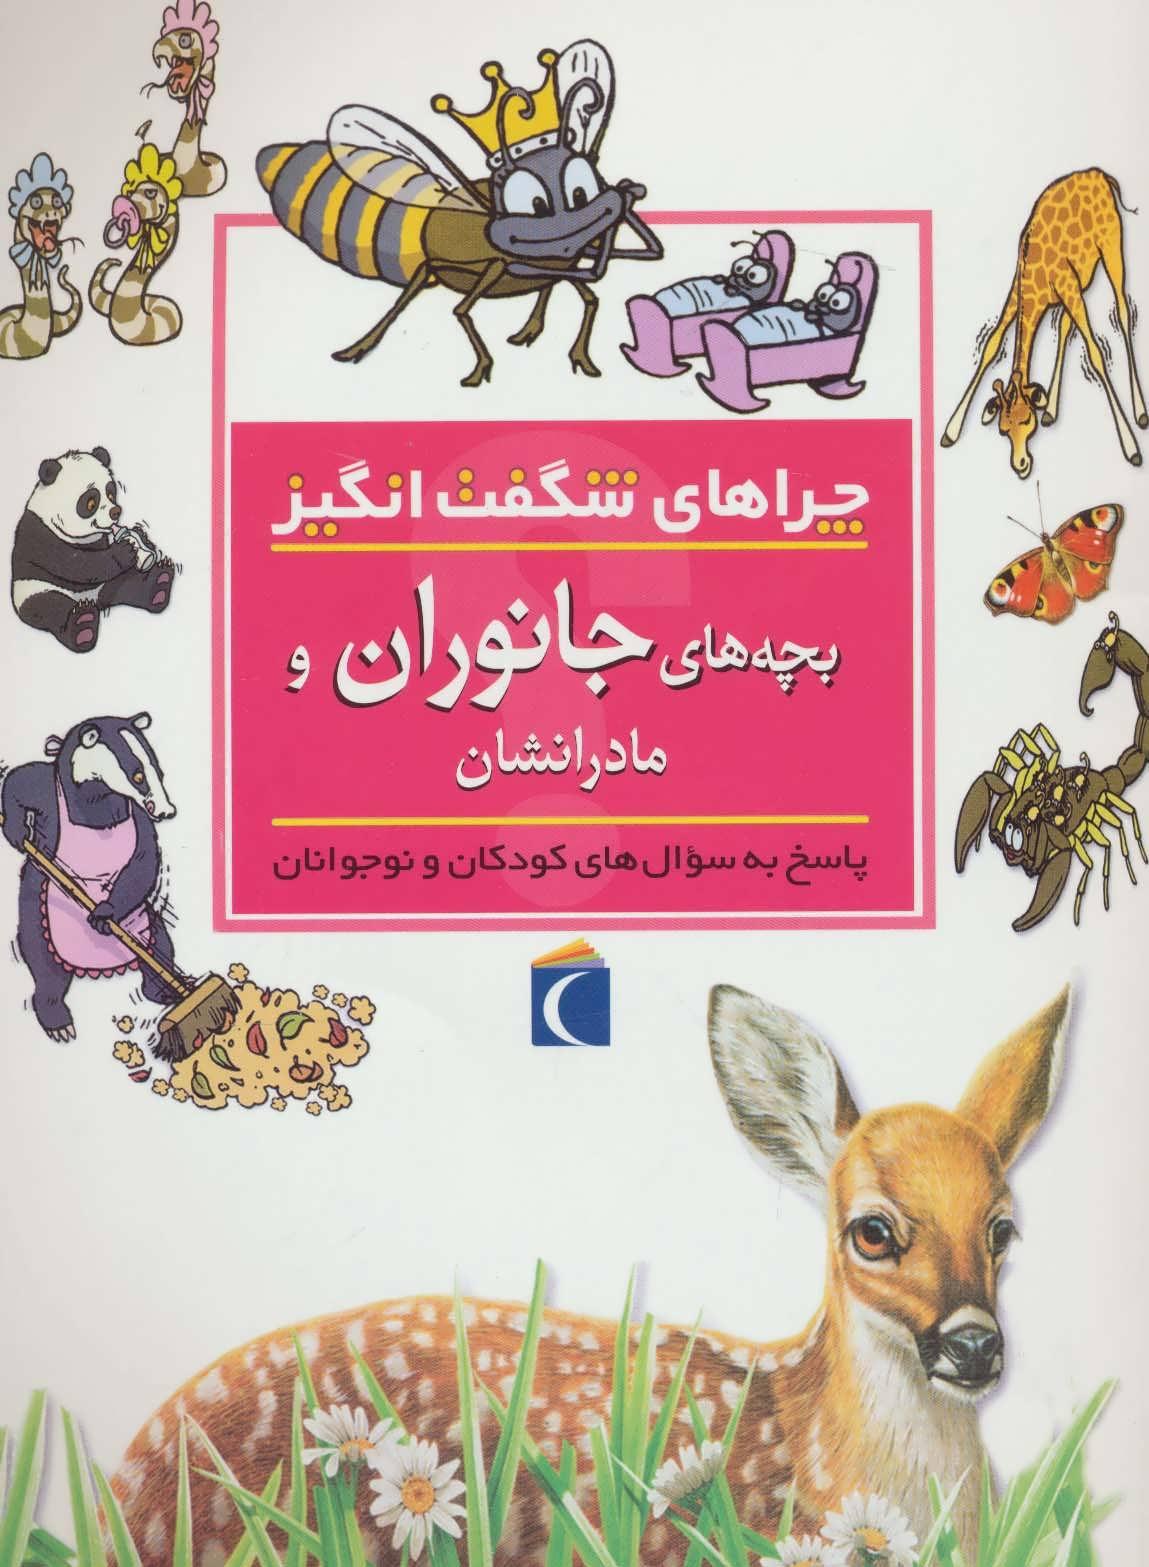 کتاب بچه های جانوران و مادرانشان